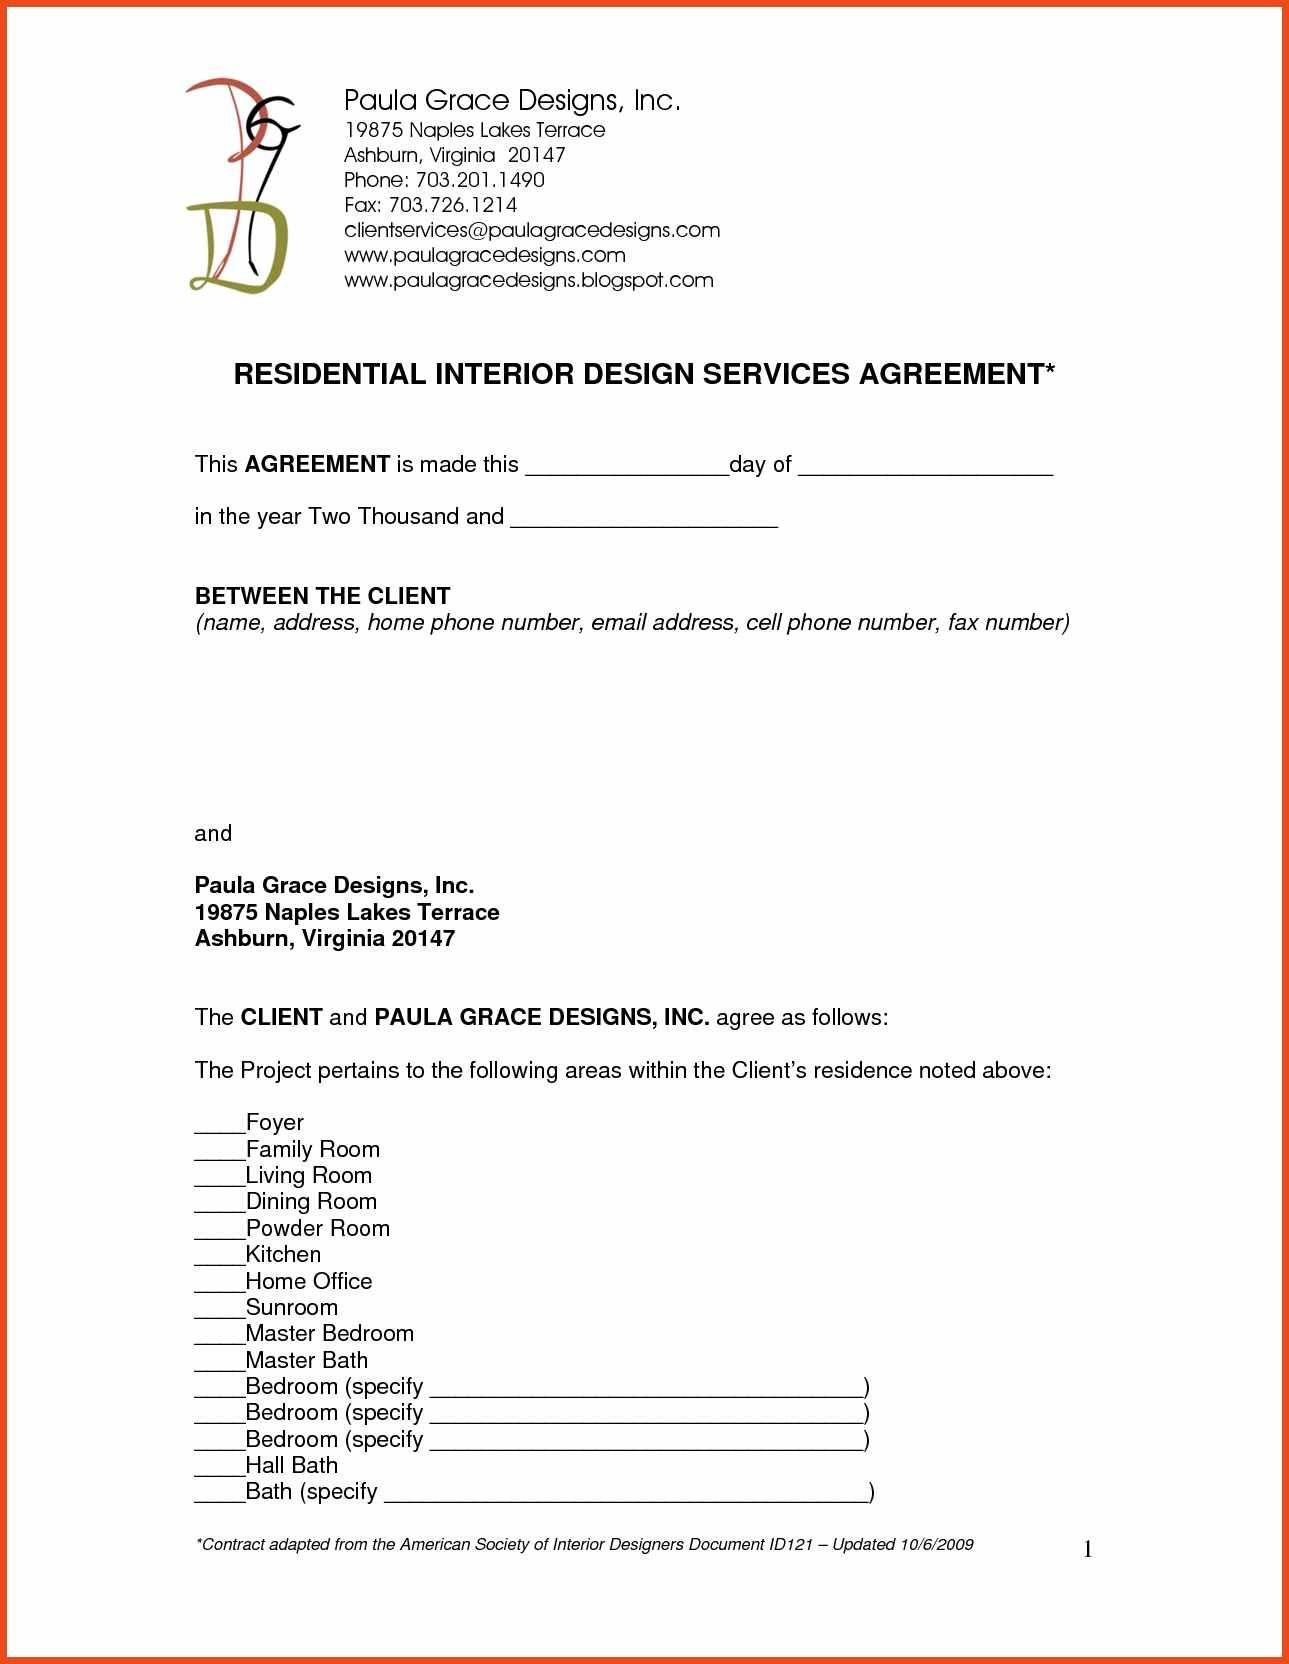 Interior Design Client Brief Template Google Search Contract Template Design Clients Contract Interior Design